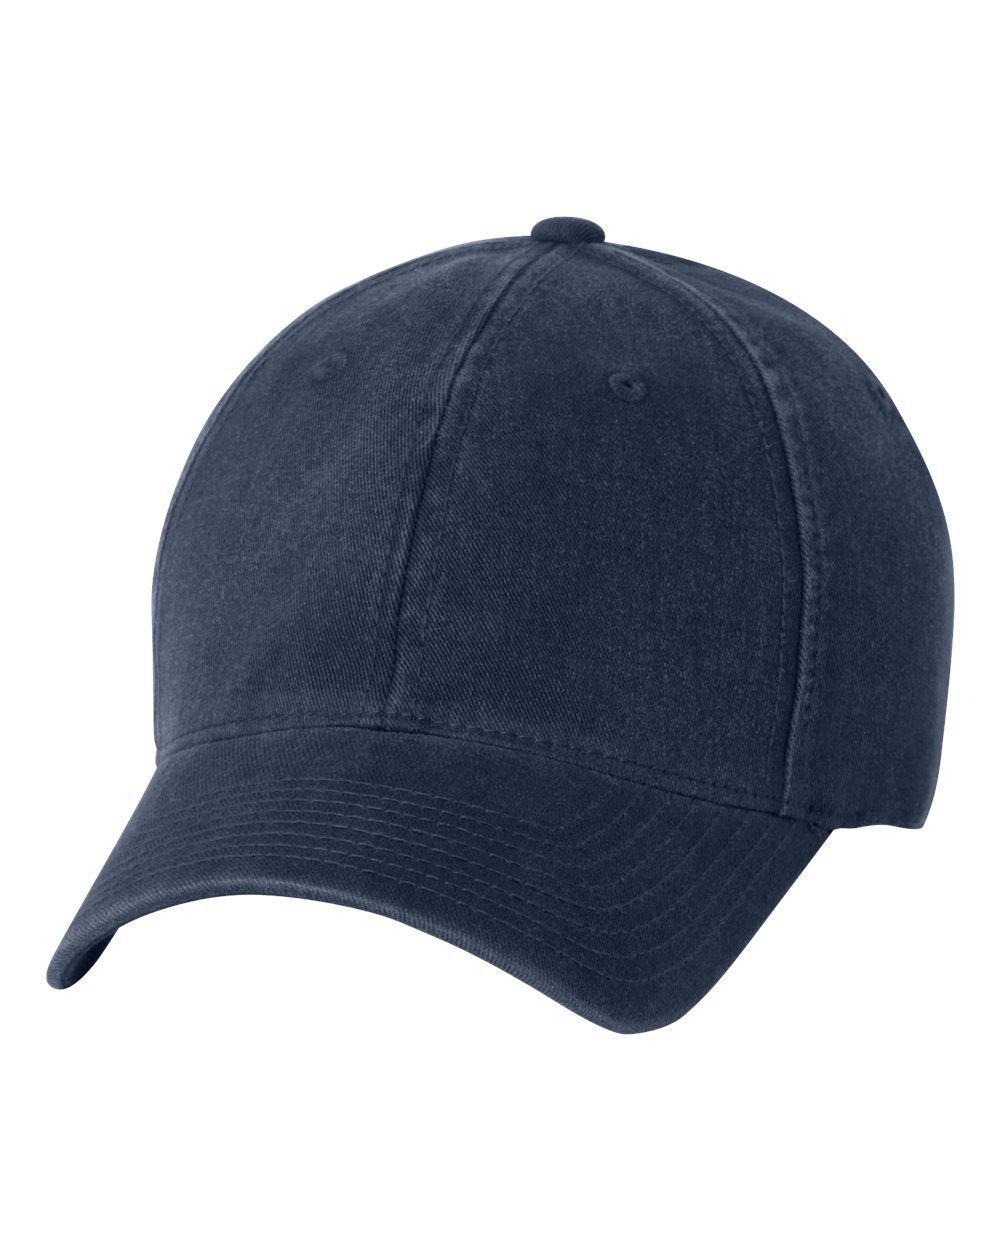 704113e6a Flexfit - Garment-Washed Cap - 6997 Navy | Products | Cap, Caps hats ...